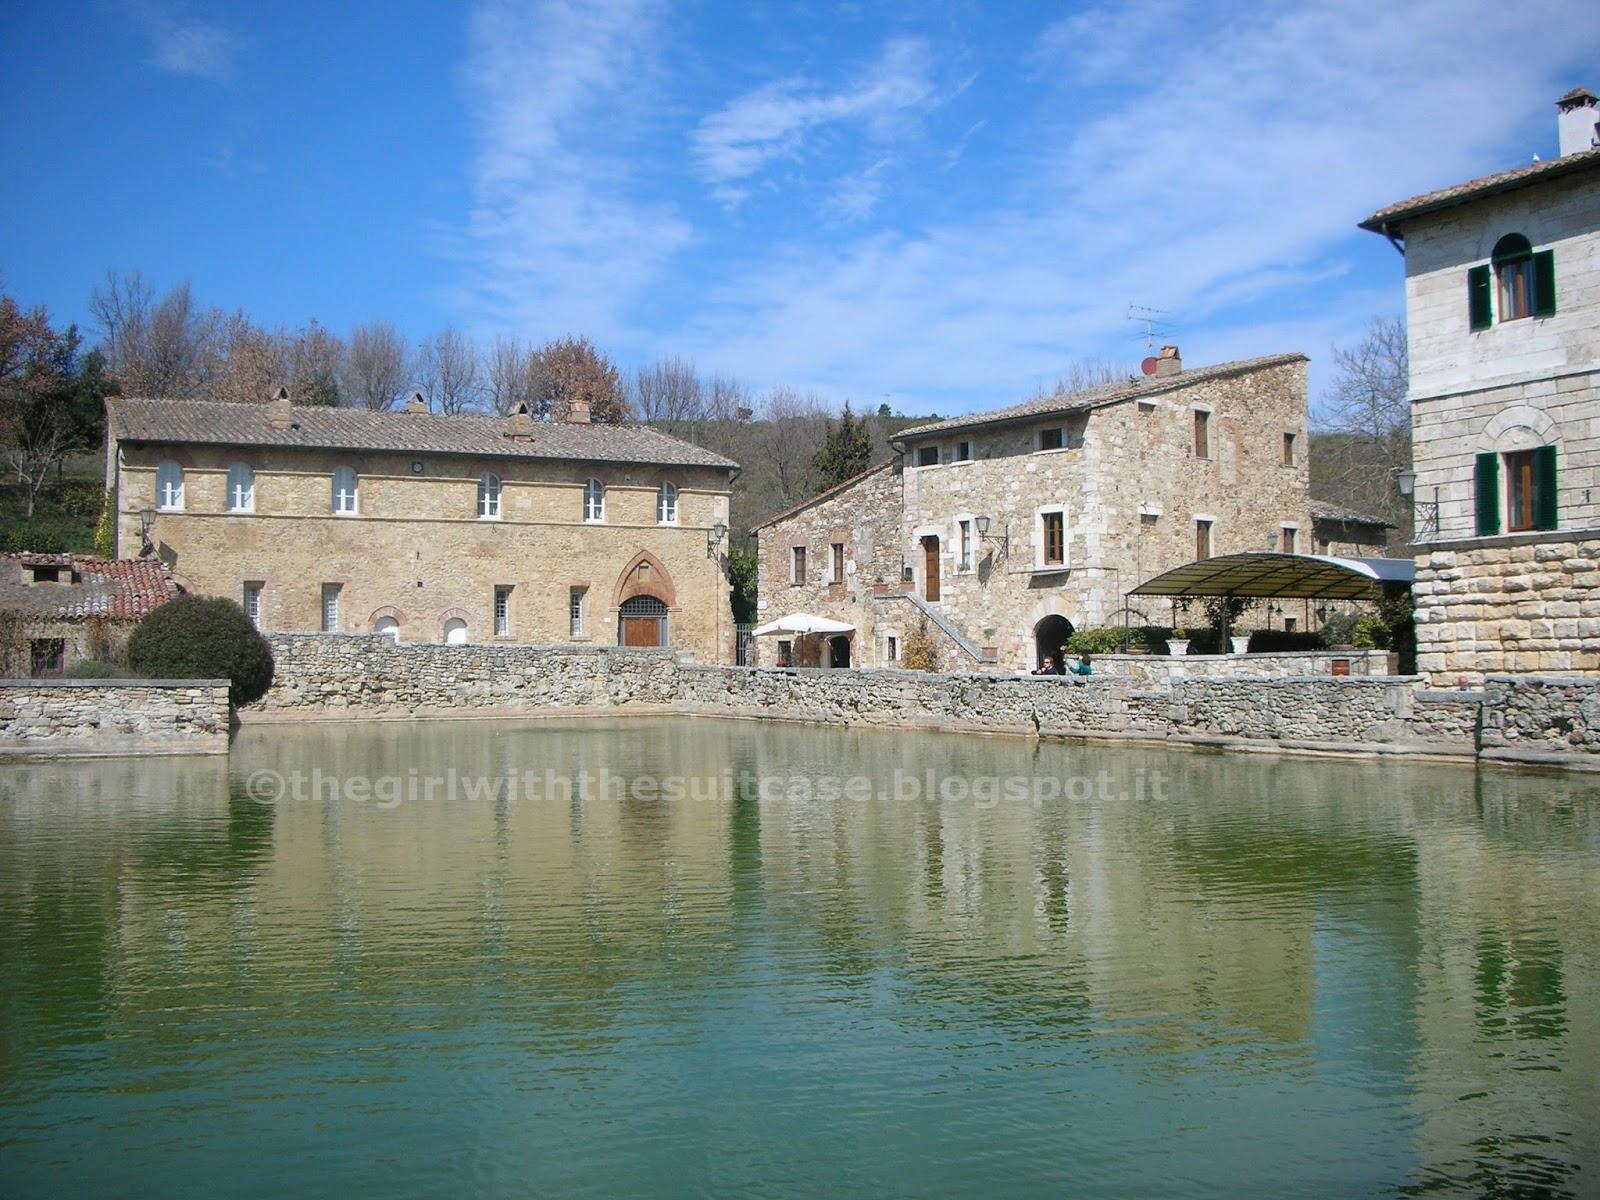 Bagno vignoni il gioiello della val d 39 orcia the girl with the suitcase - Hotel la posta bagno vignone ...